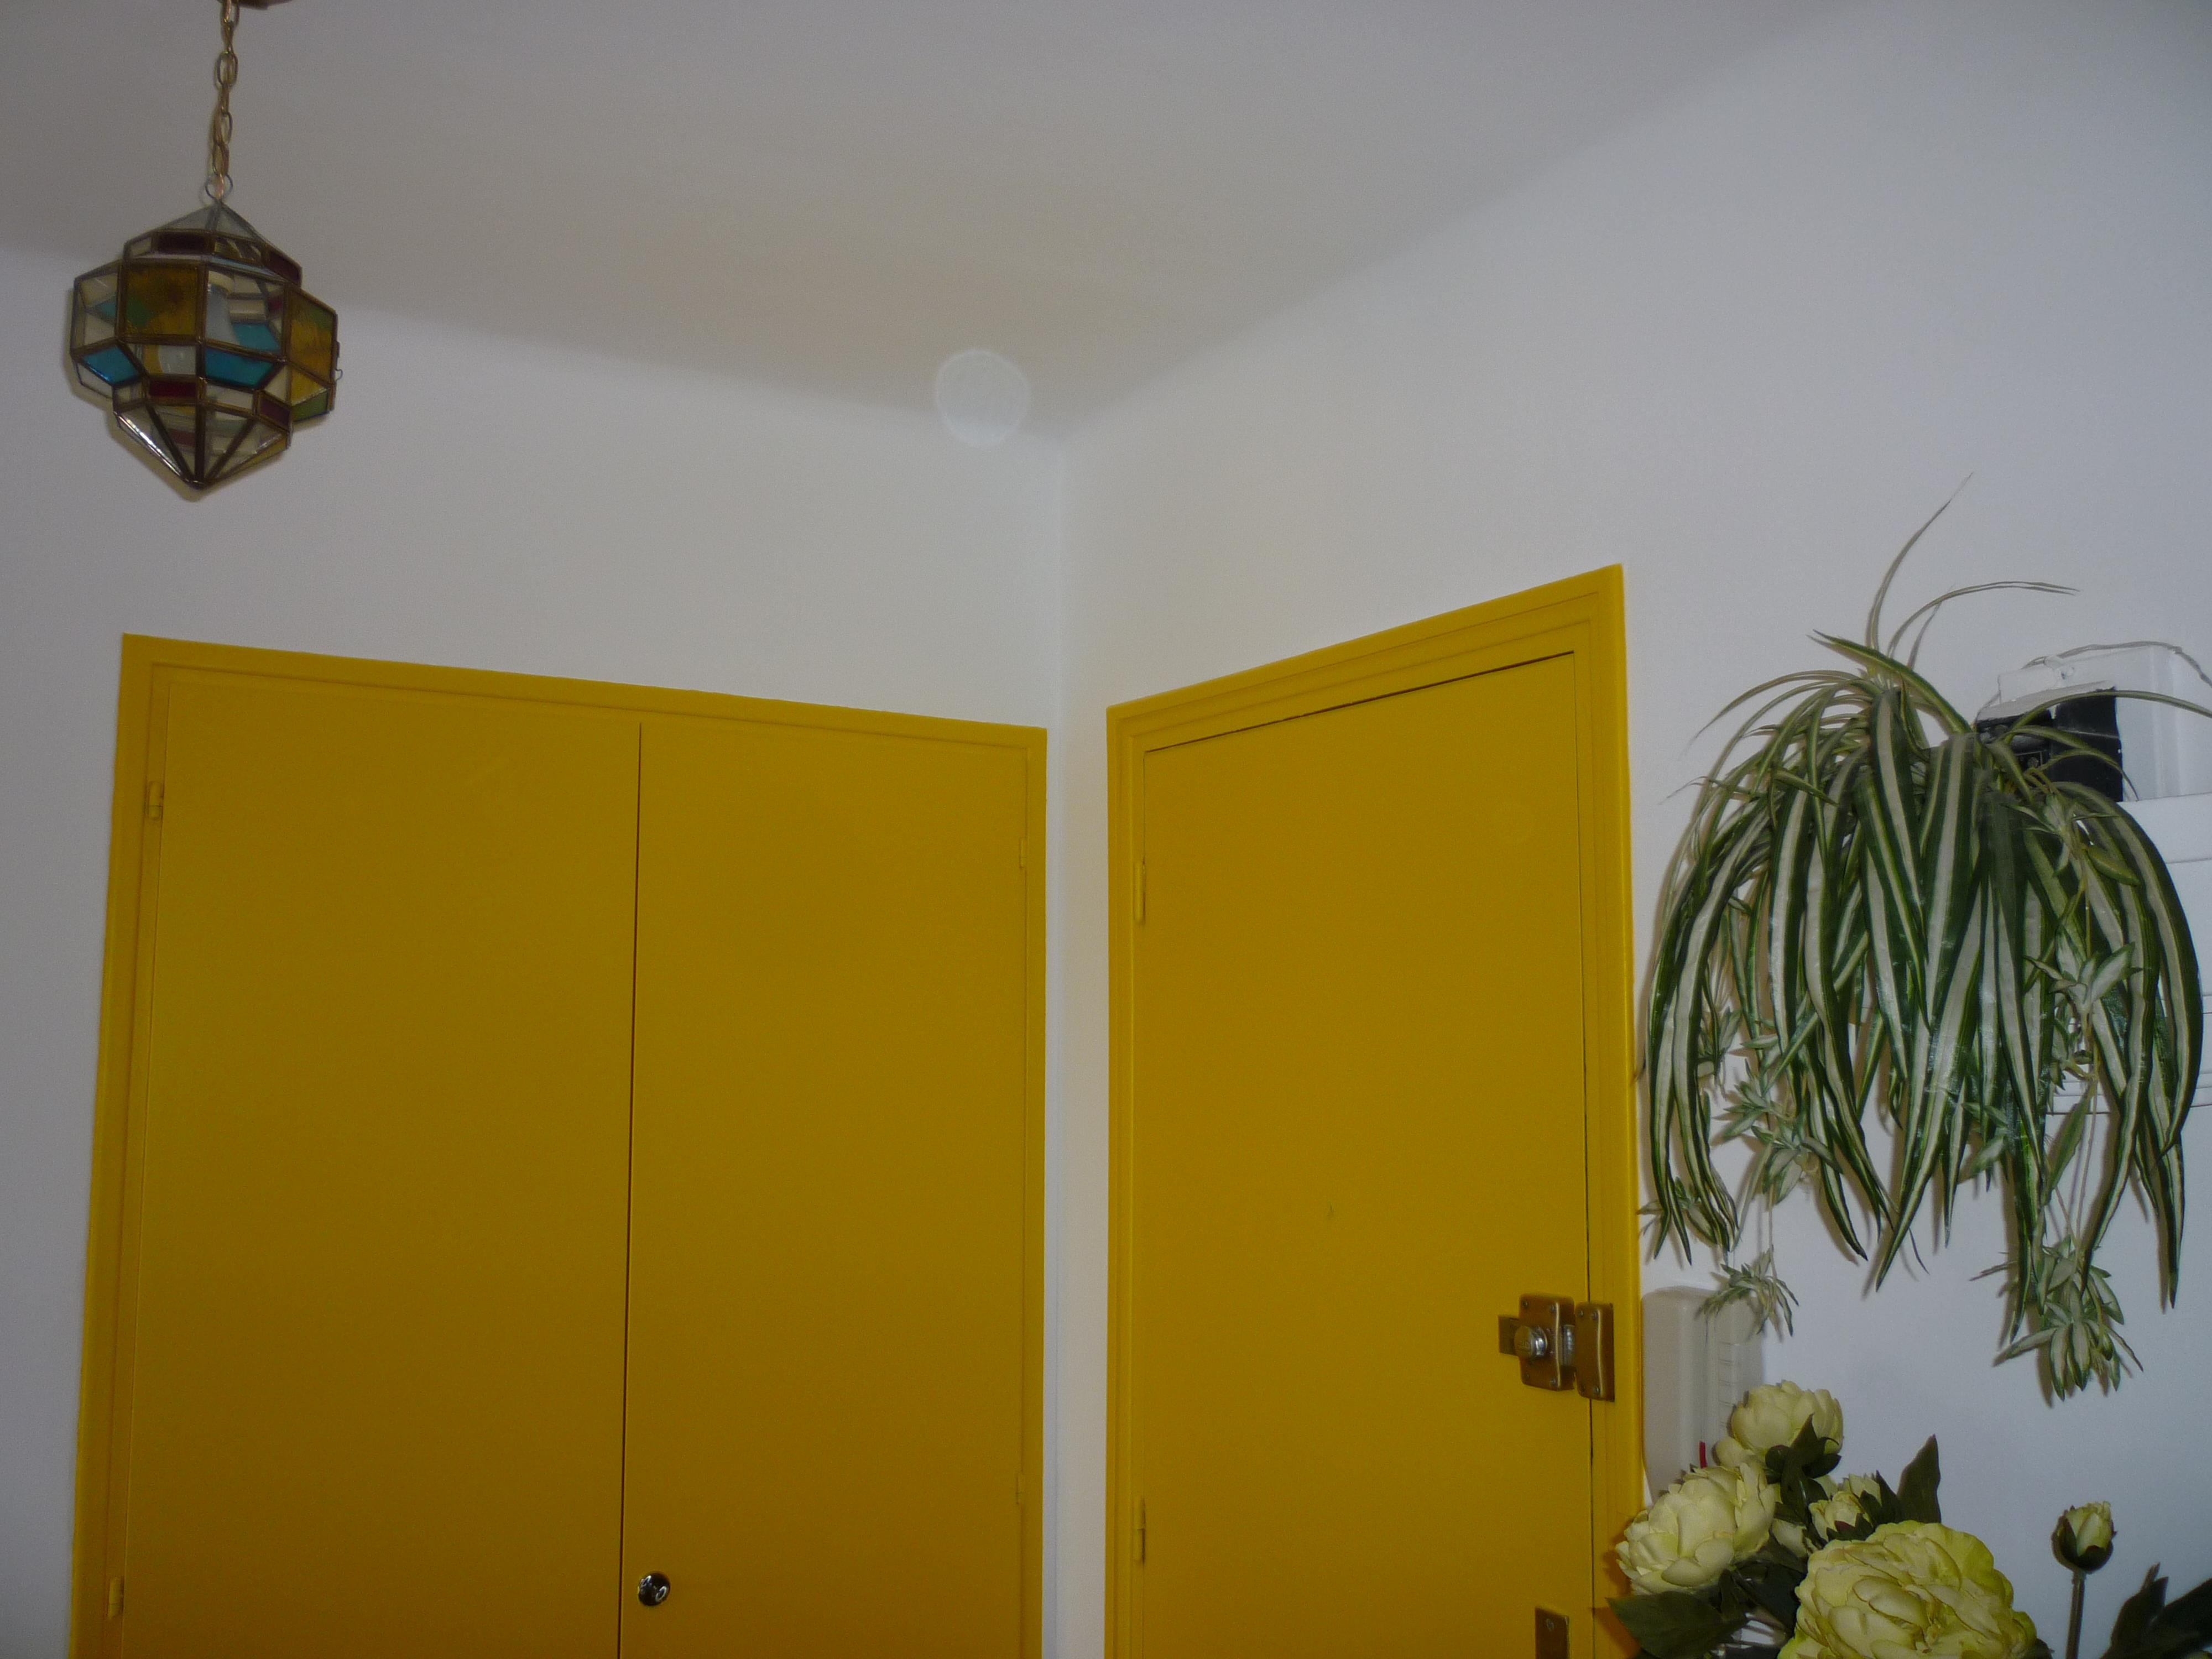 Conseil peinture plafond photos de conception de maison for Peinture plafond